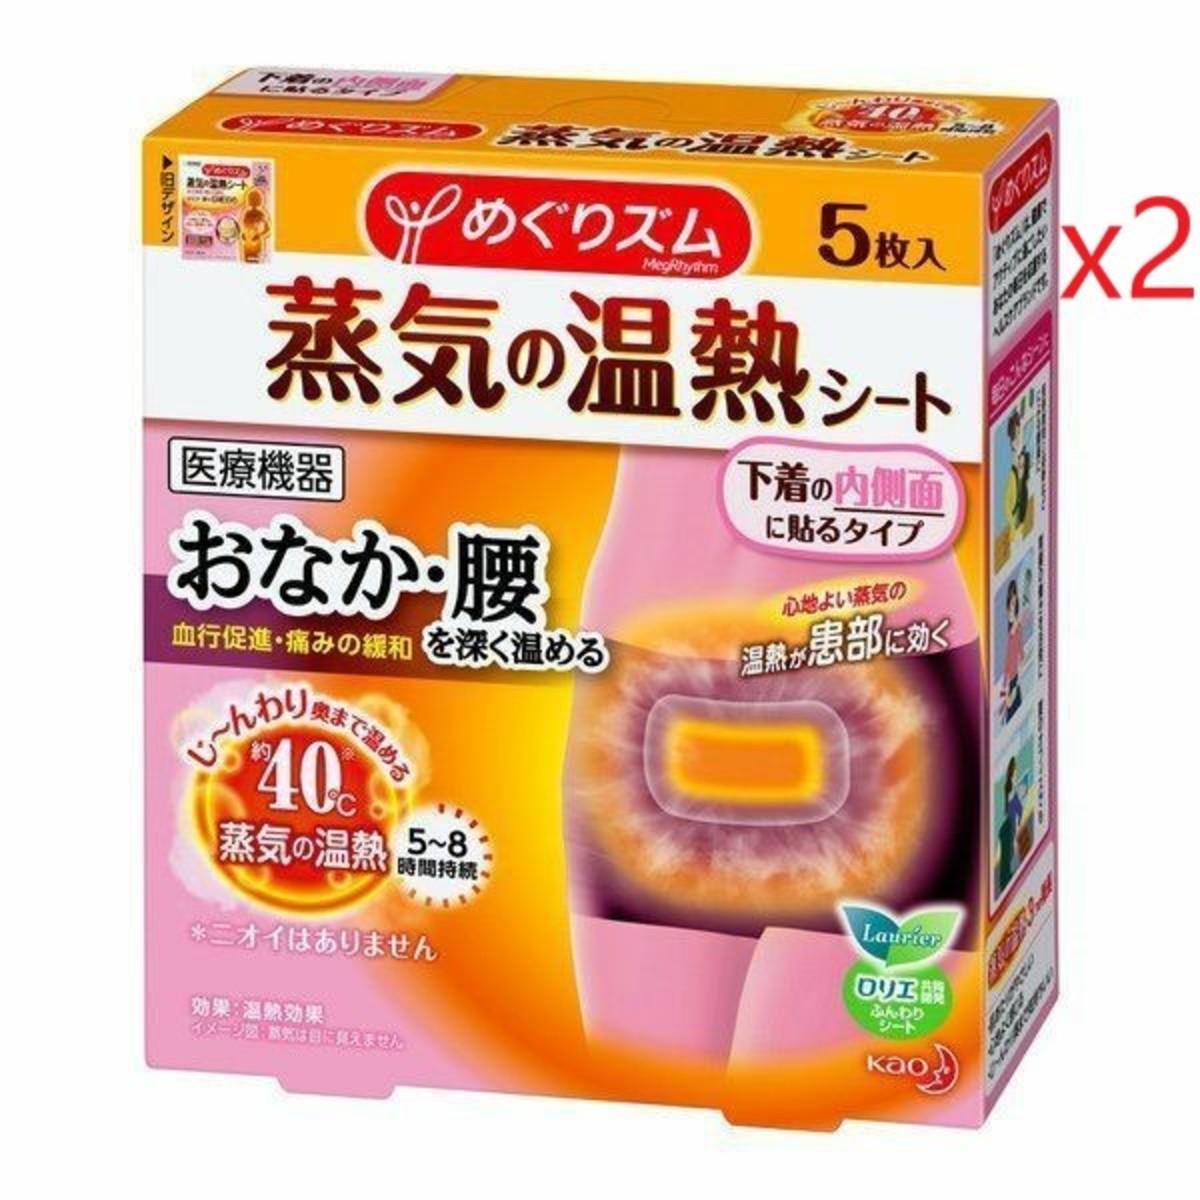 (2盒) KAO 花王 MegRhythm  腹部溫熱貼/經痛貼/暖宮貼(5枚)(平行進口)